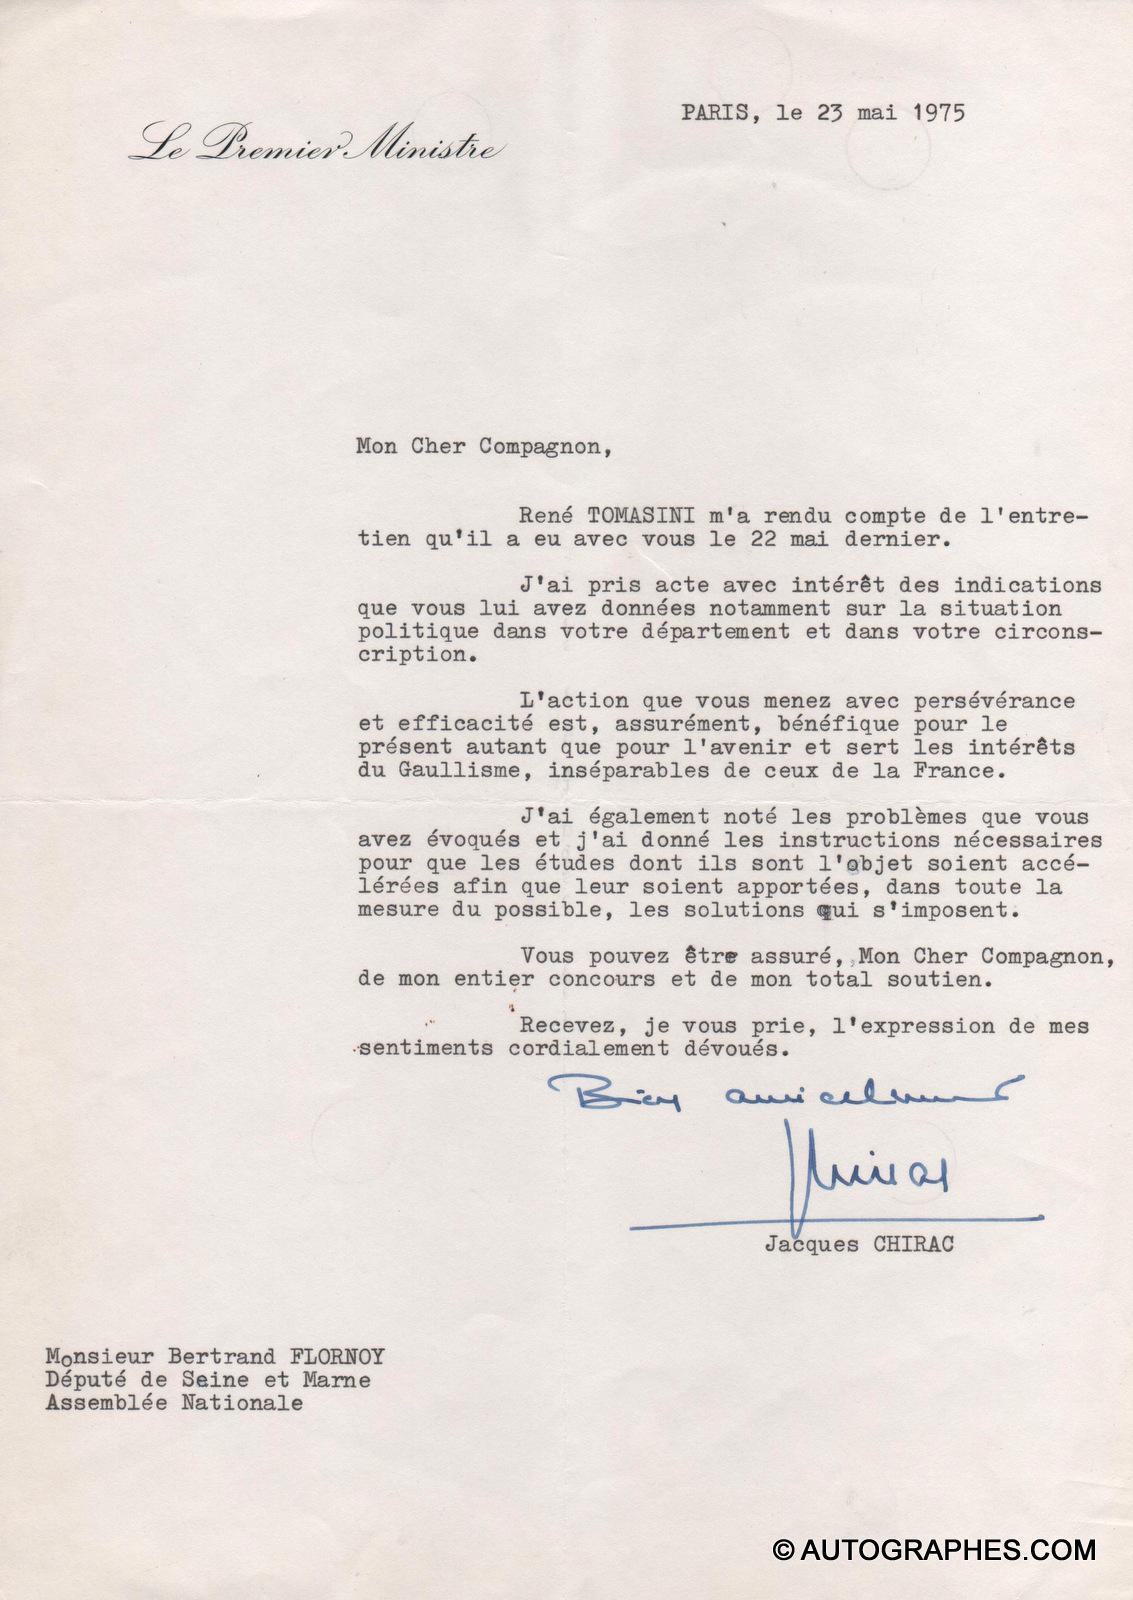 Jacques CHIRAC - Lettre dactylographiée signée (23 mai 1975)